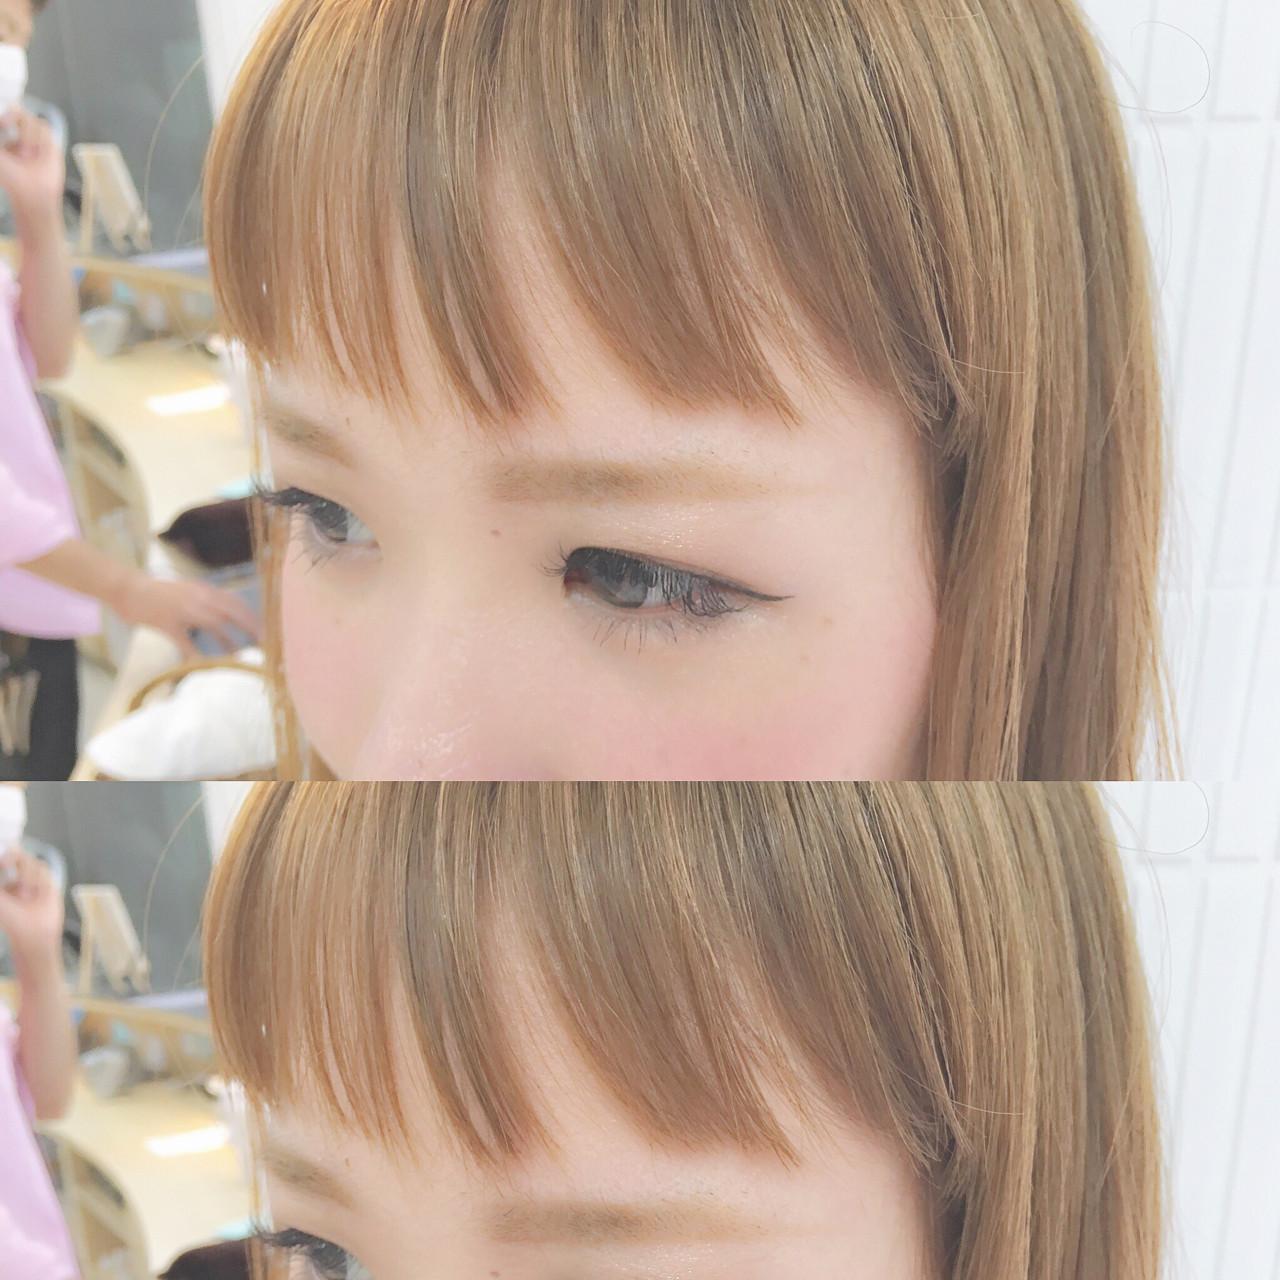 ミディアム ナチュラル シースルーバング 大人かわいい ヘアスタイルや髪型の写真・画像 | Chiaki Mori / M.SLASH FIEL